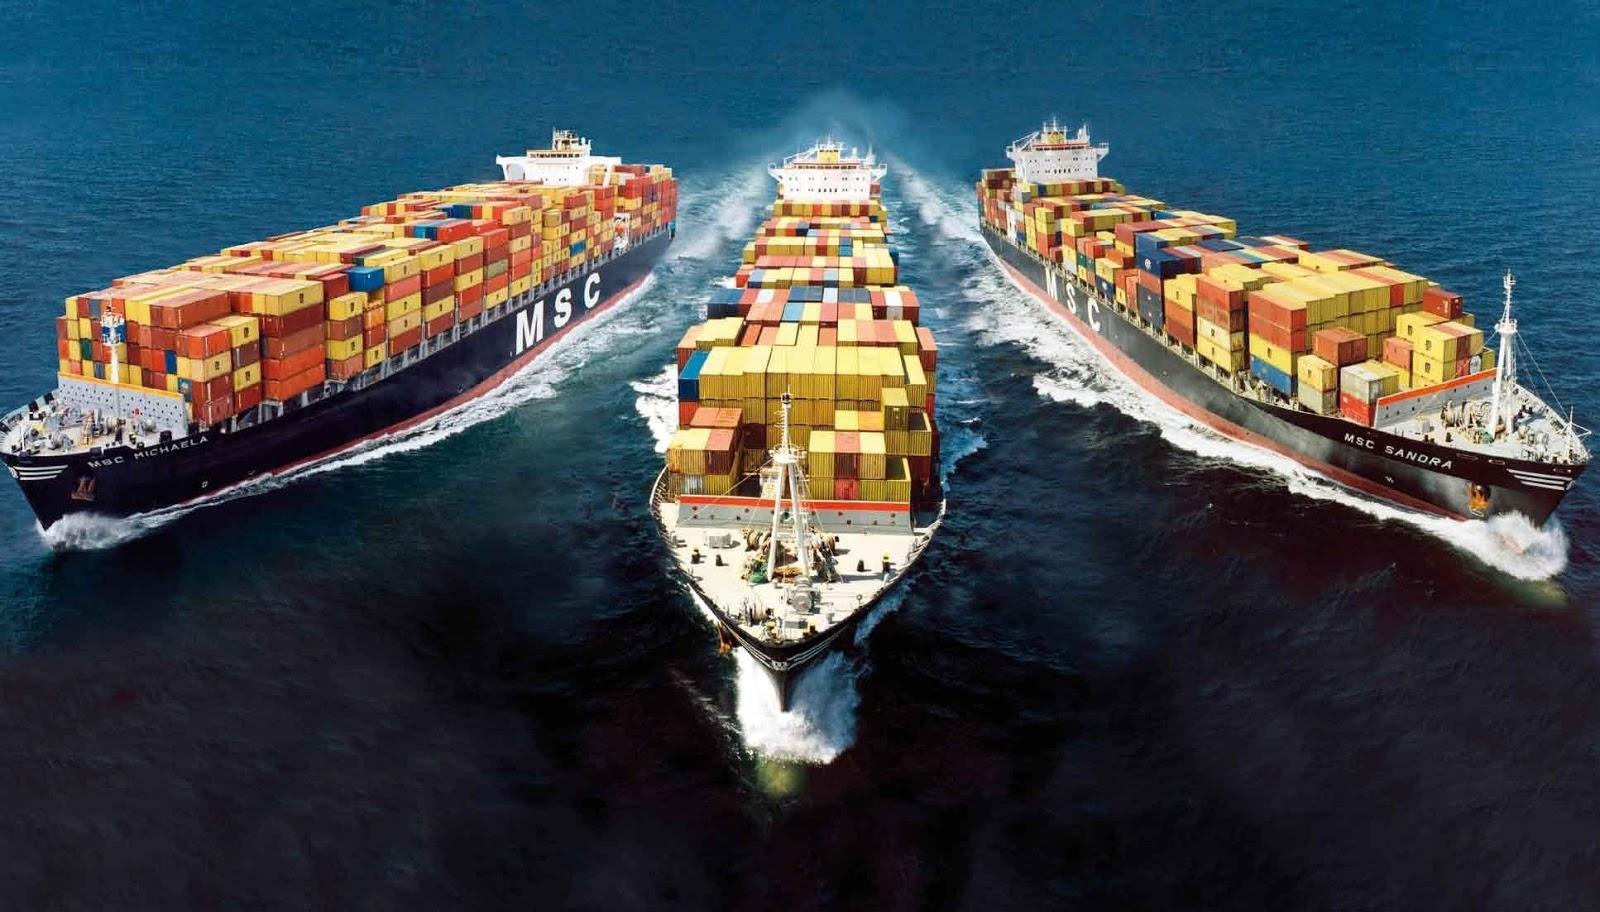 nên tìm hiểu về các chi phí phải trả khi vận chuyển hàng bằng đường biển